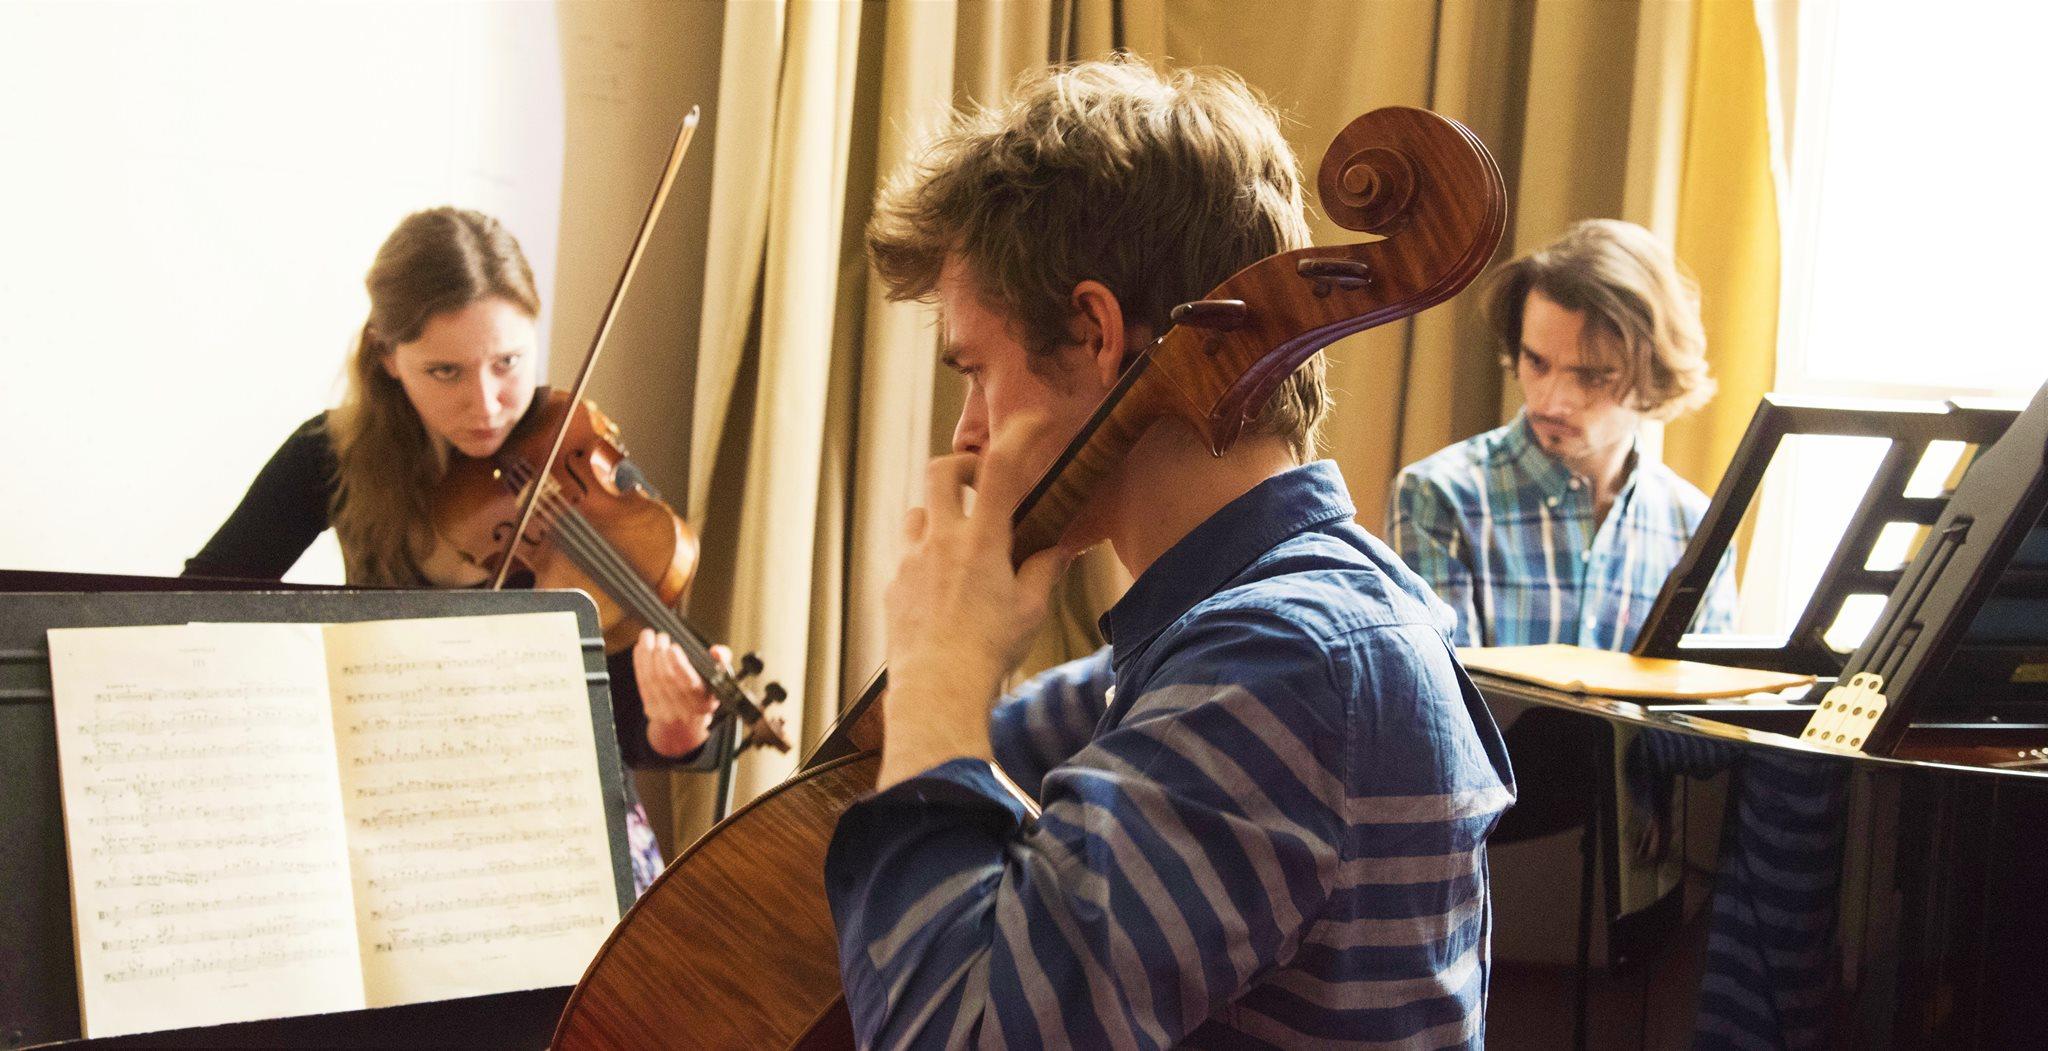 Cc : Ferrante Ferranti  Conservatoire National Supérieur de Musique, Paris (France)